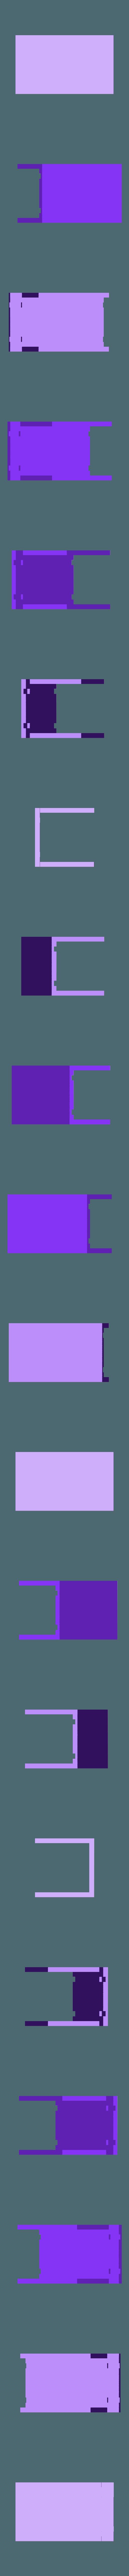 Base.stl Télécharger fichier STL gratuit Boîte de casse-tête combinée • Modèle à imprimer en 3D, mtairymd